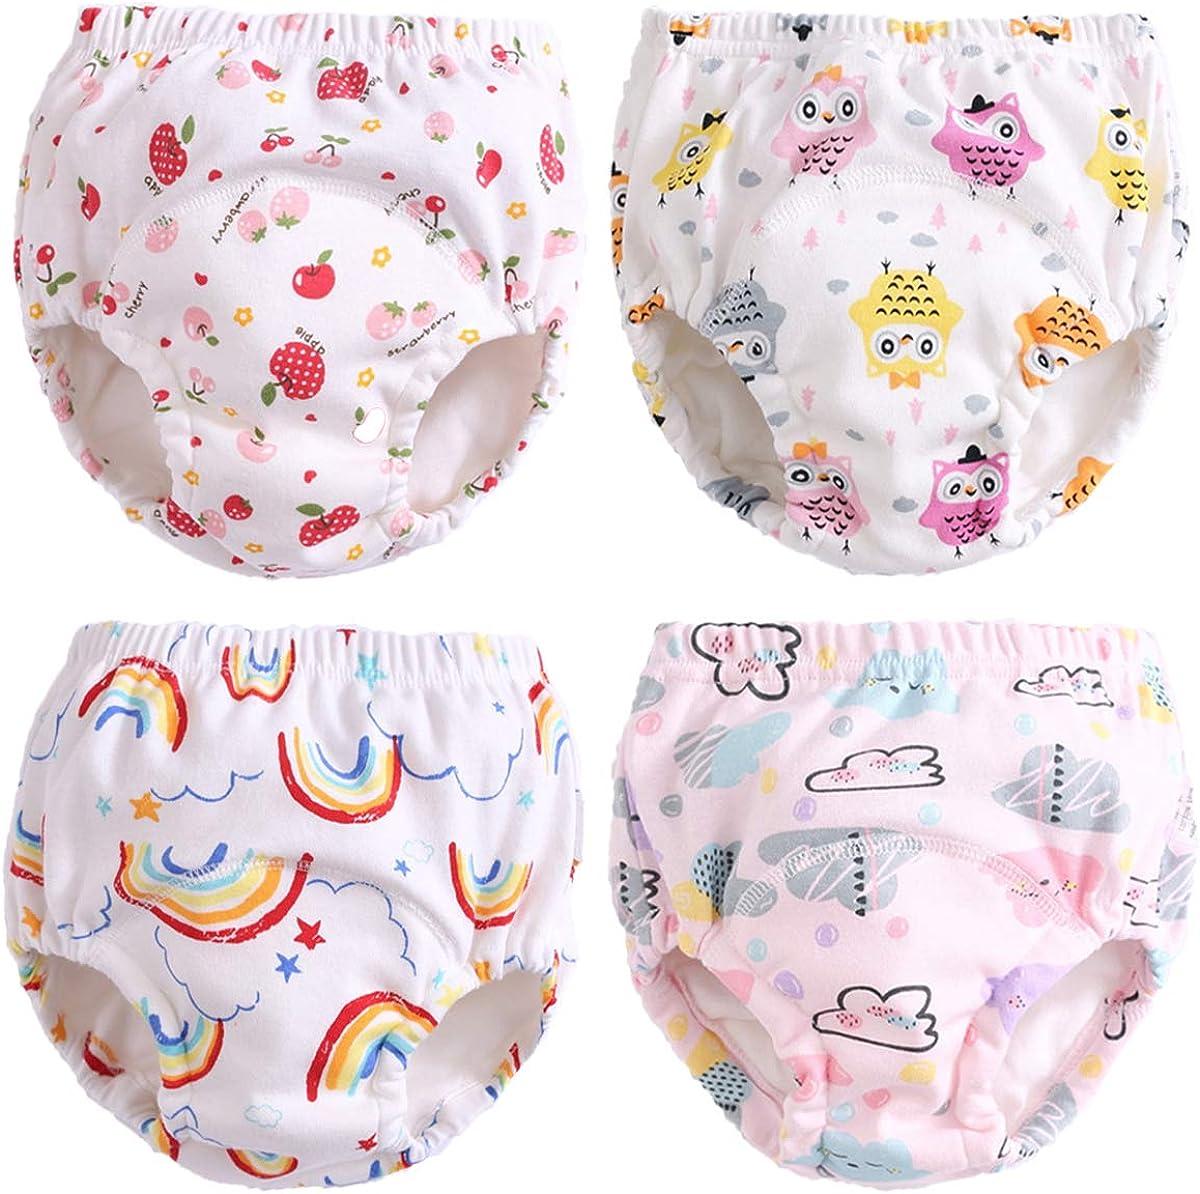 Culotte dapprentissage Lavables B/éb/é 3 pi/èces 70CM//10KG,Fruit Morbuy Coton Couche-Culotte Anti-Fuite Potty Pantalon de Formation Imperm/éables pour Gar/çon et Fille